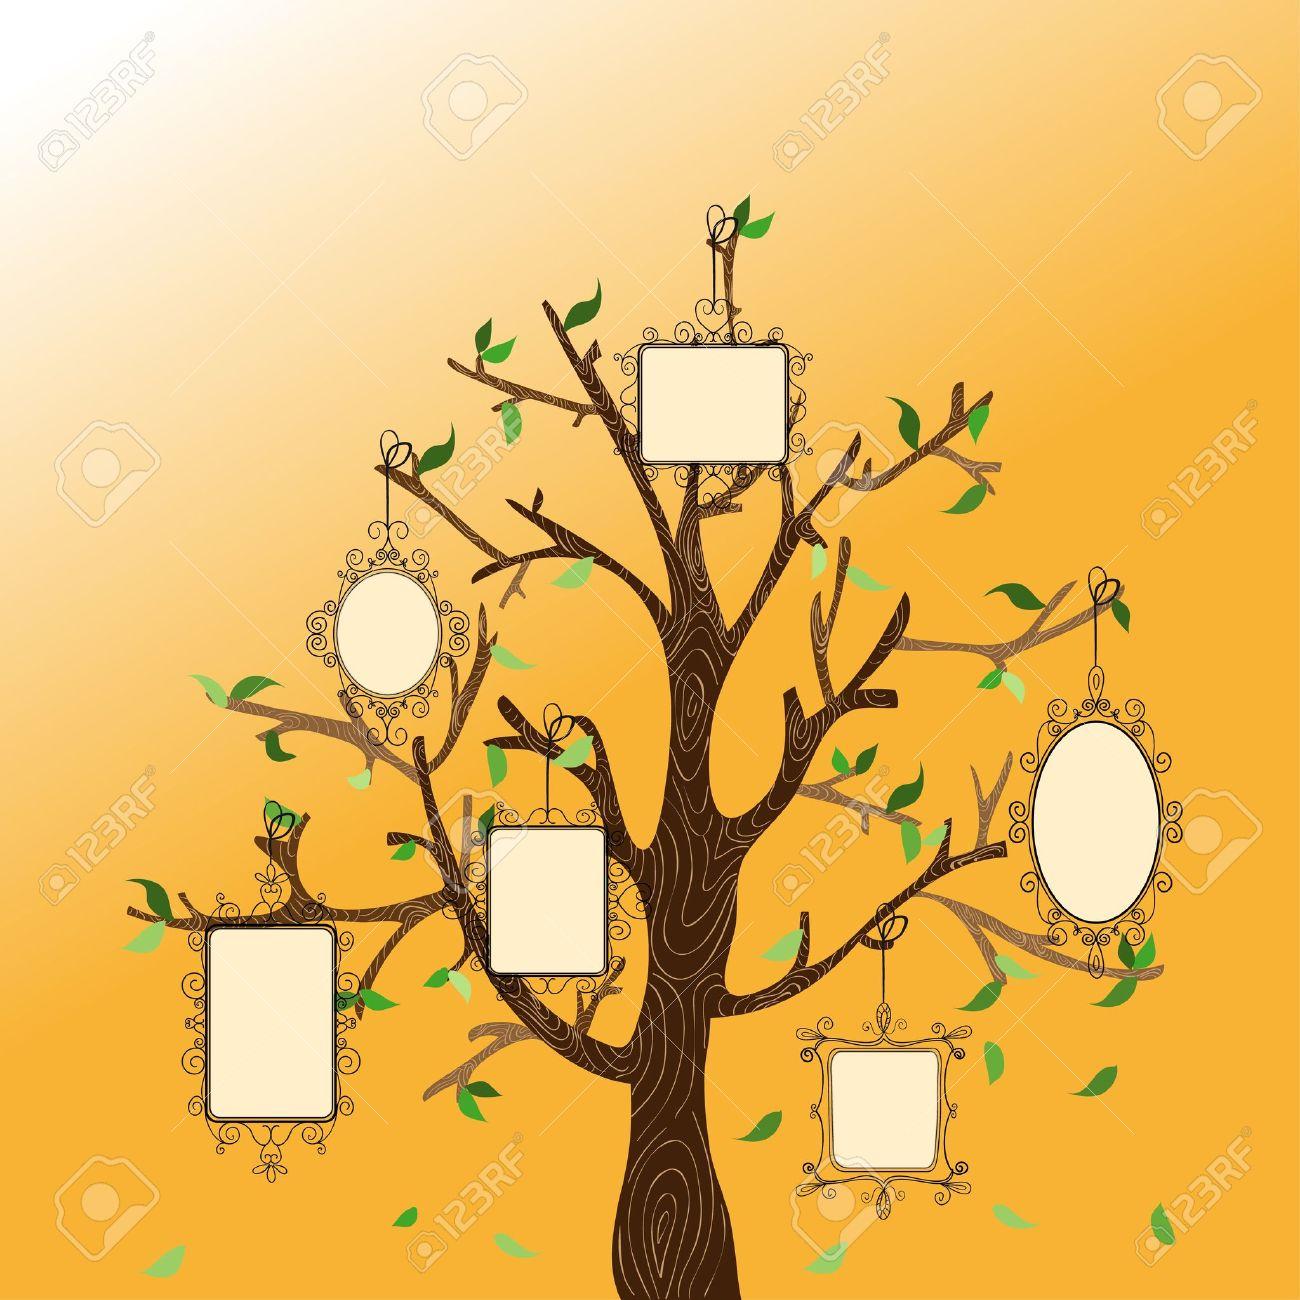 Concepto Retro árbol Con Colgar Marcos De Fotos Hojas. Archivo ...